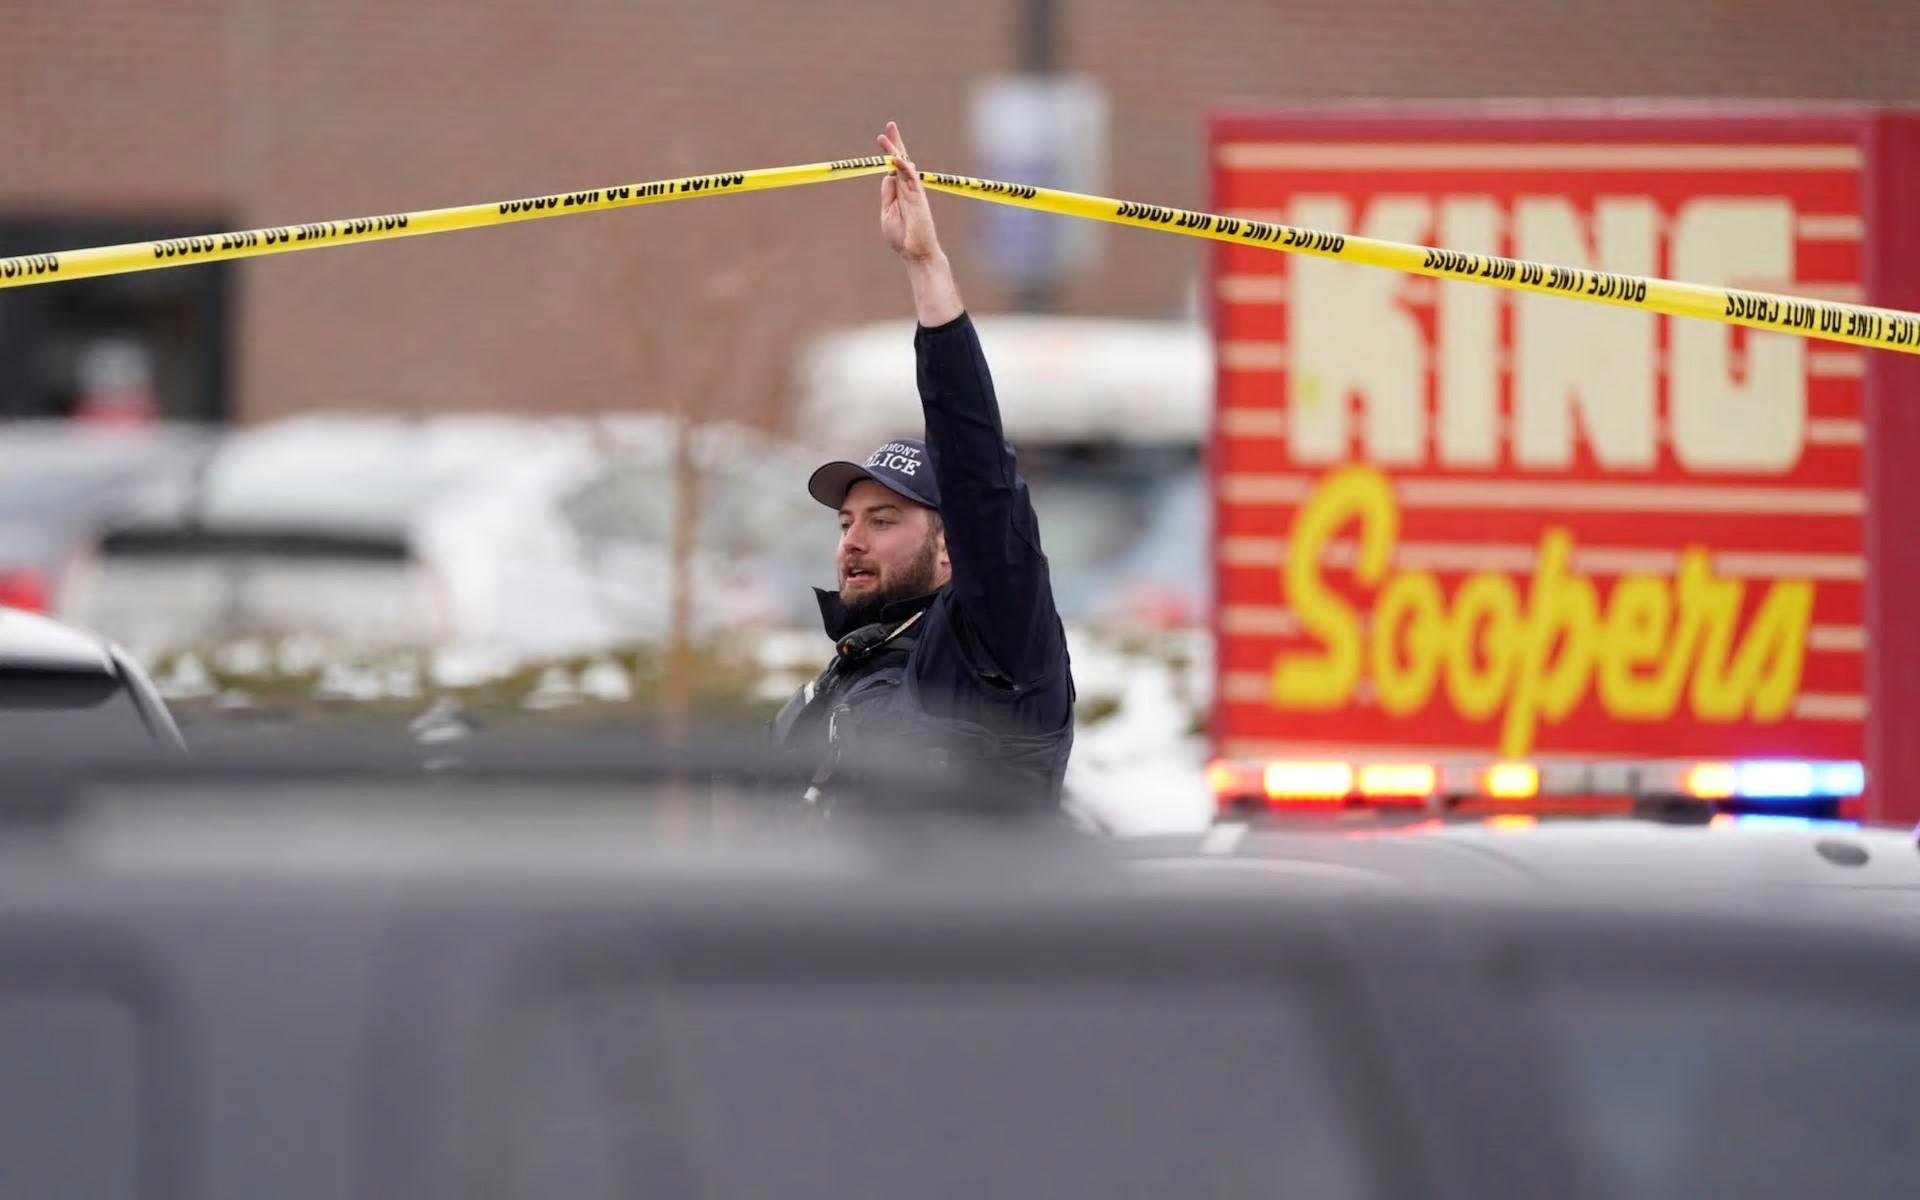 警方人员在现场证实许多人死亡的现场工作-美联社